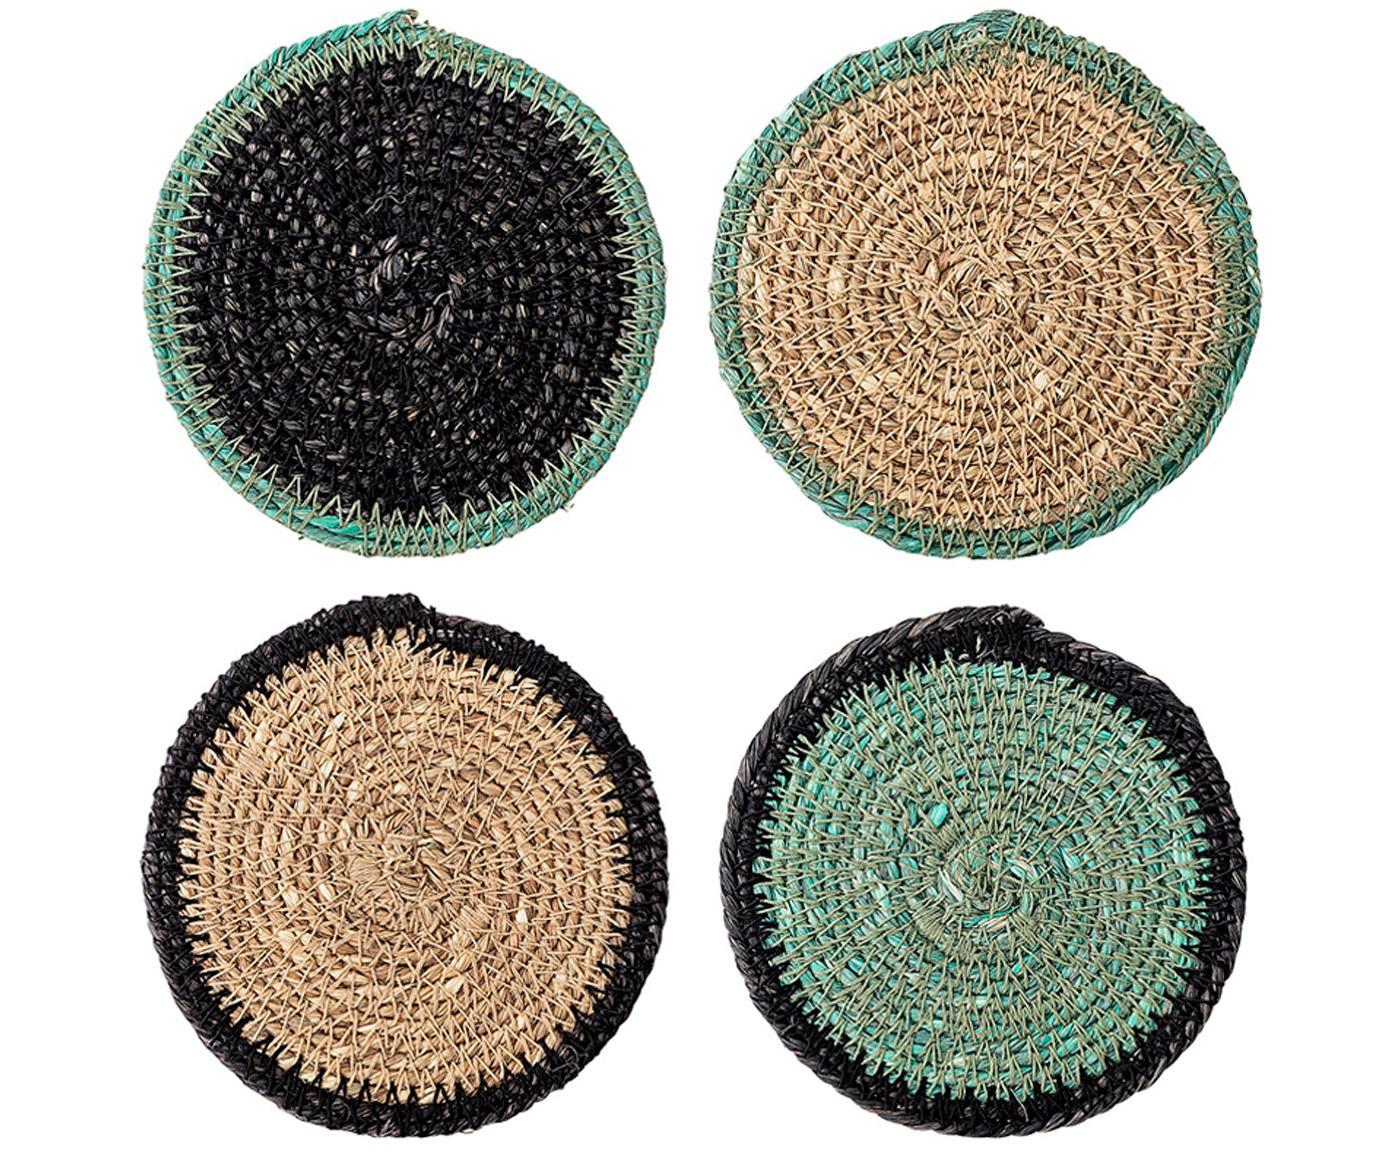 Komplet podstawek z trawy morskiej Costa, 5 elem., Trawa morska, Beżowy, zielony, czarny, Ø 10 x W 1 cm